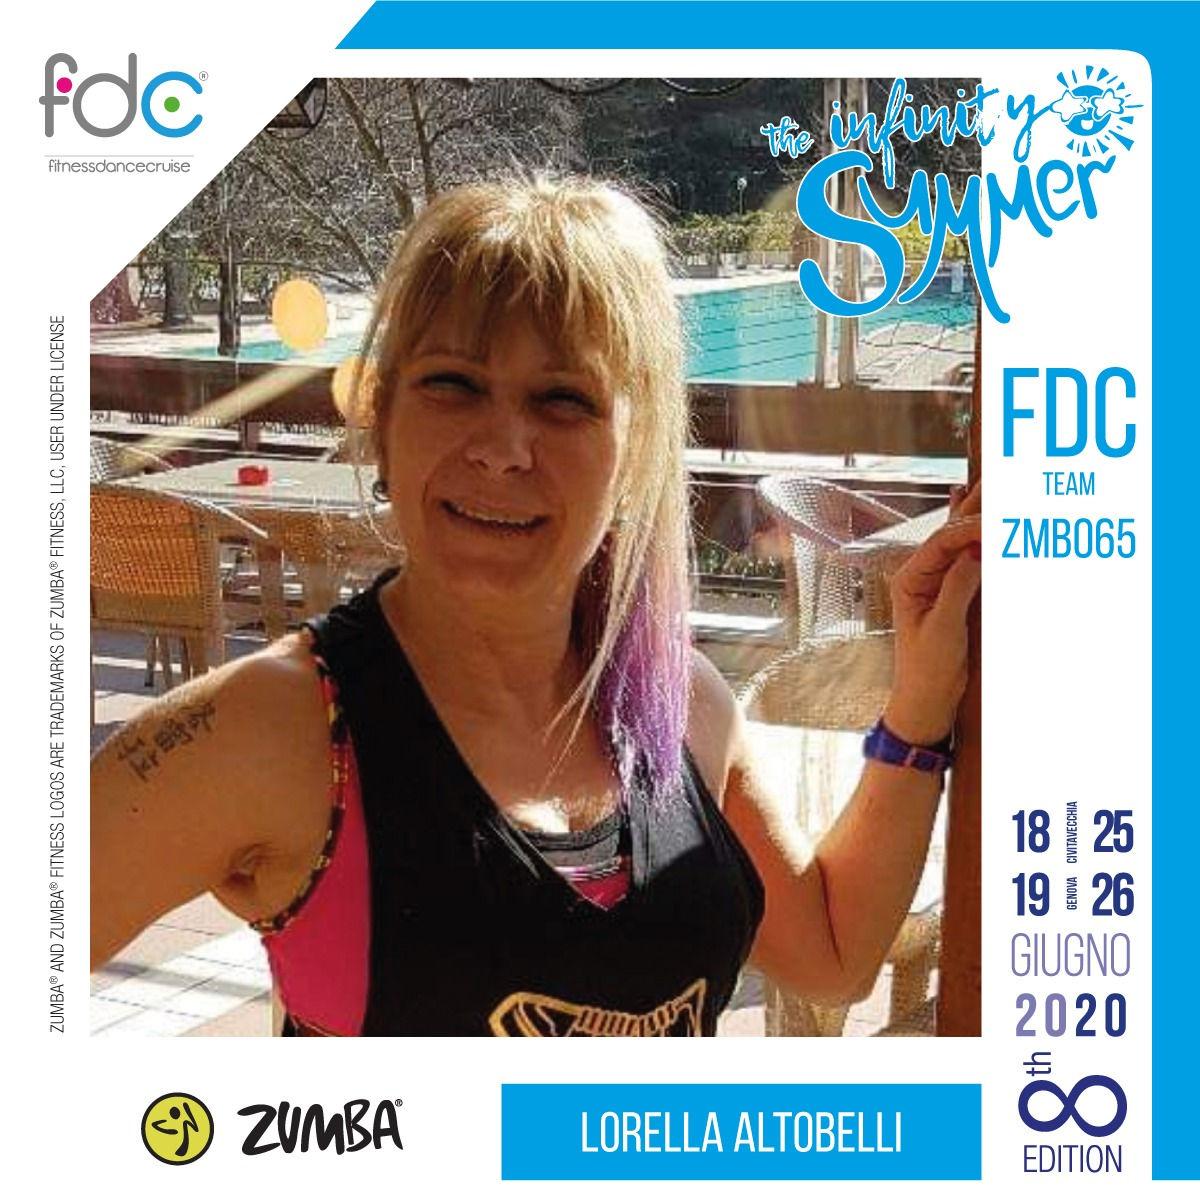 FDC Team Lorella Altobelli